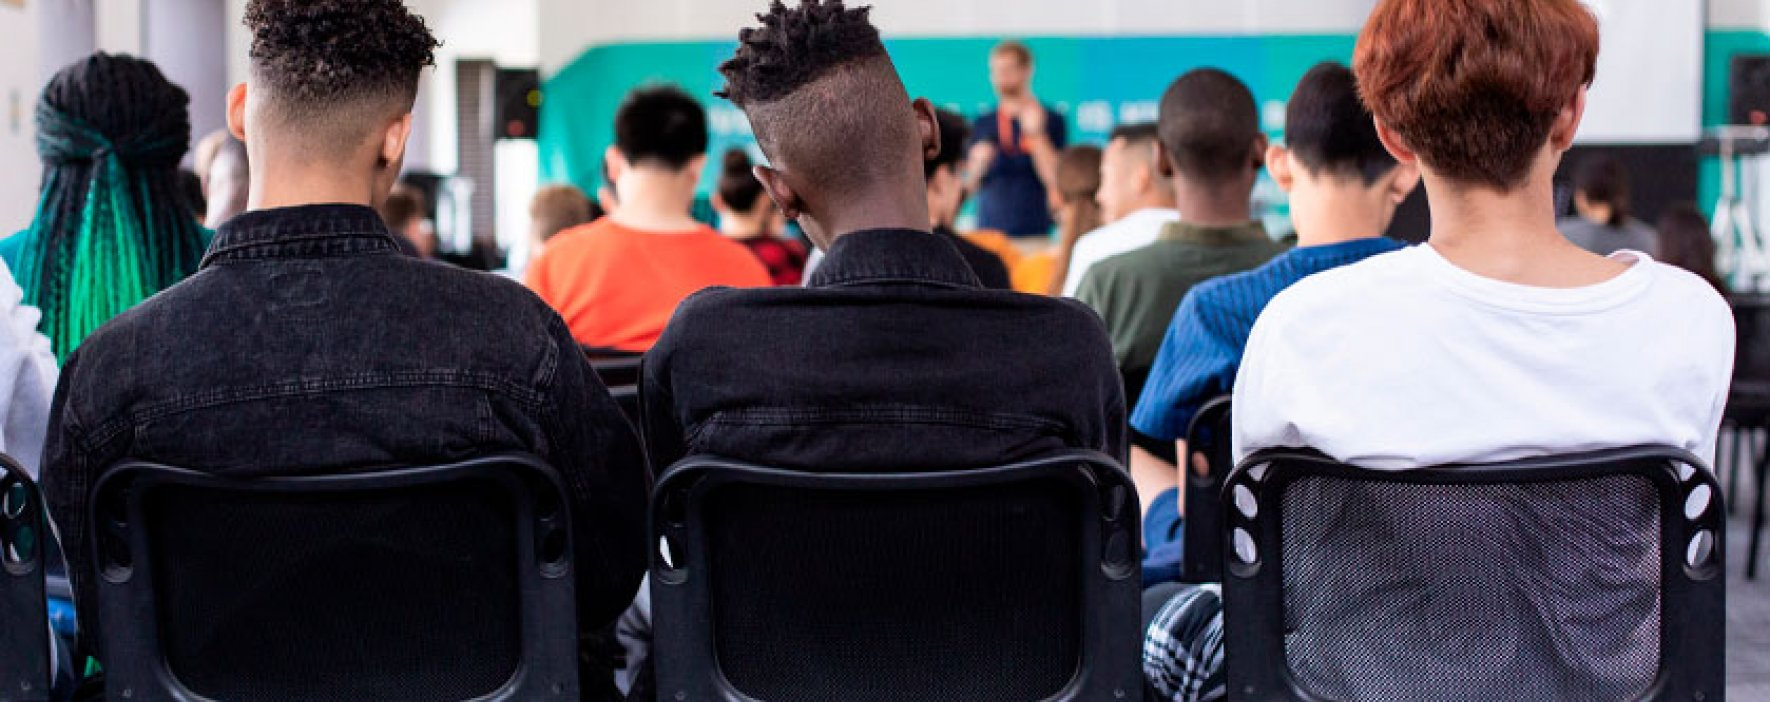 'Aprender es más': un estudio de la Fundación Empresarios por la Educación